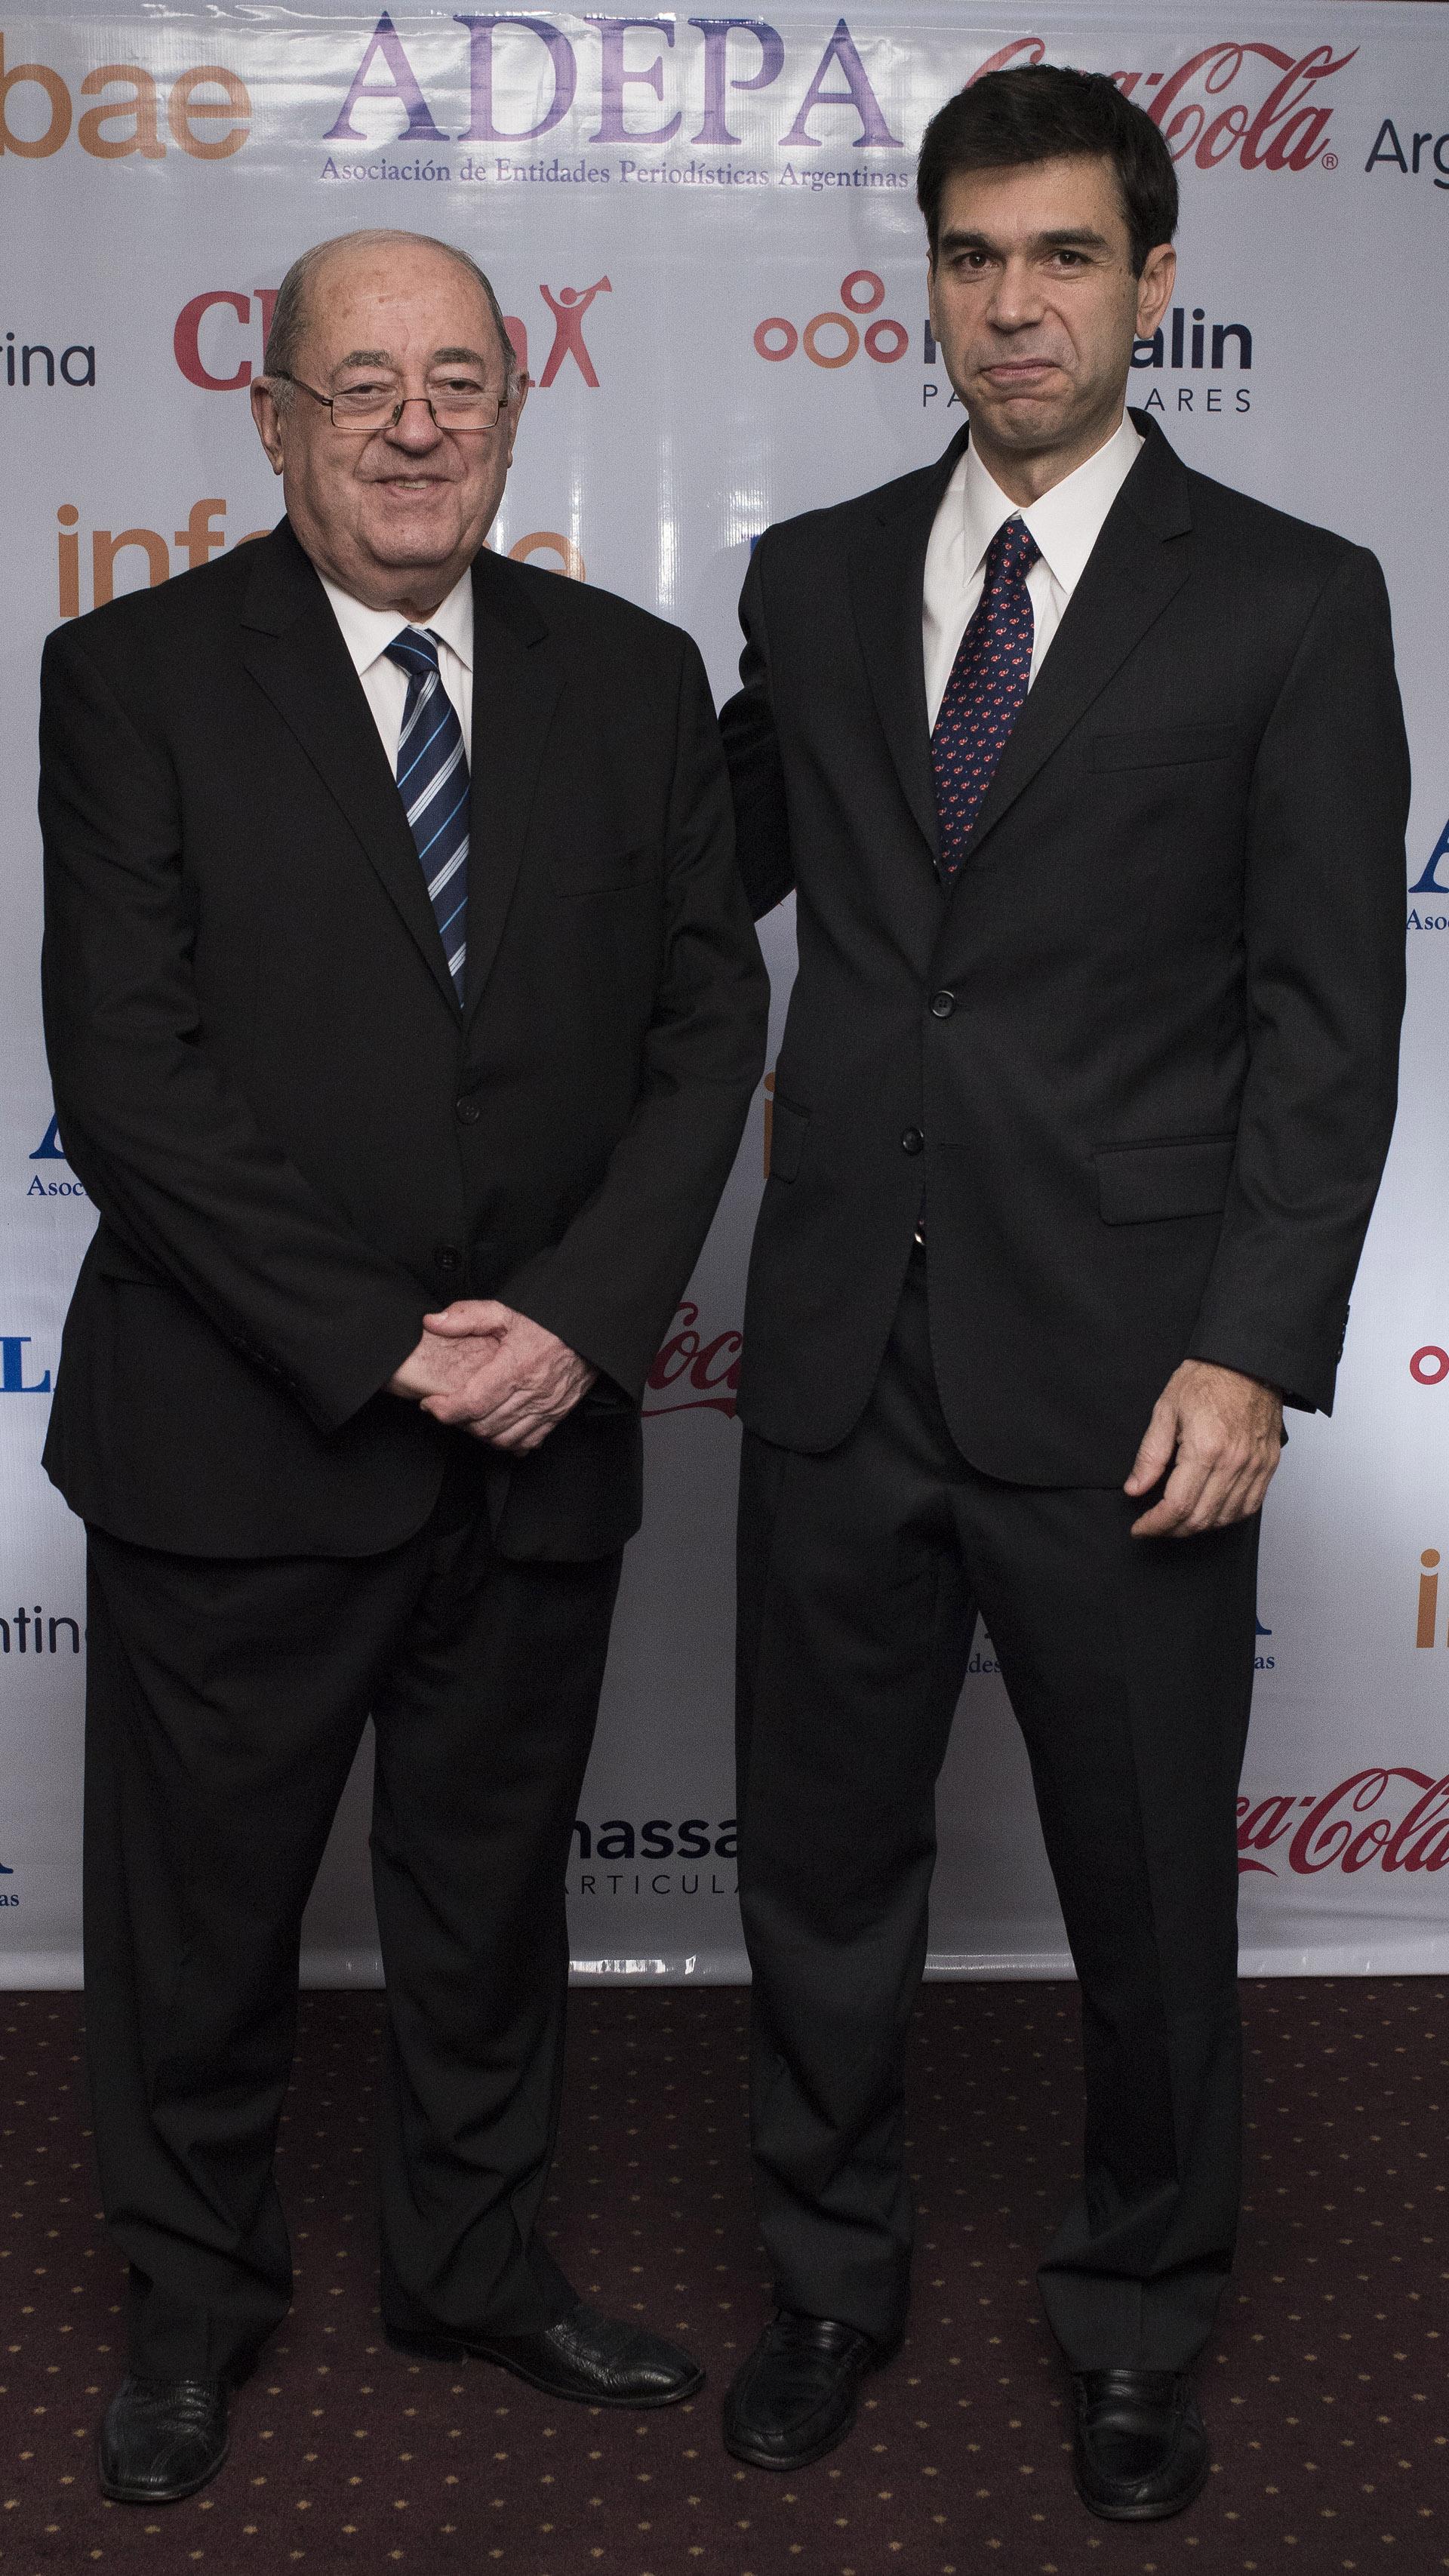 Guillermo Ignacio, ex presidente de ADEPA, y Daniel Dessein